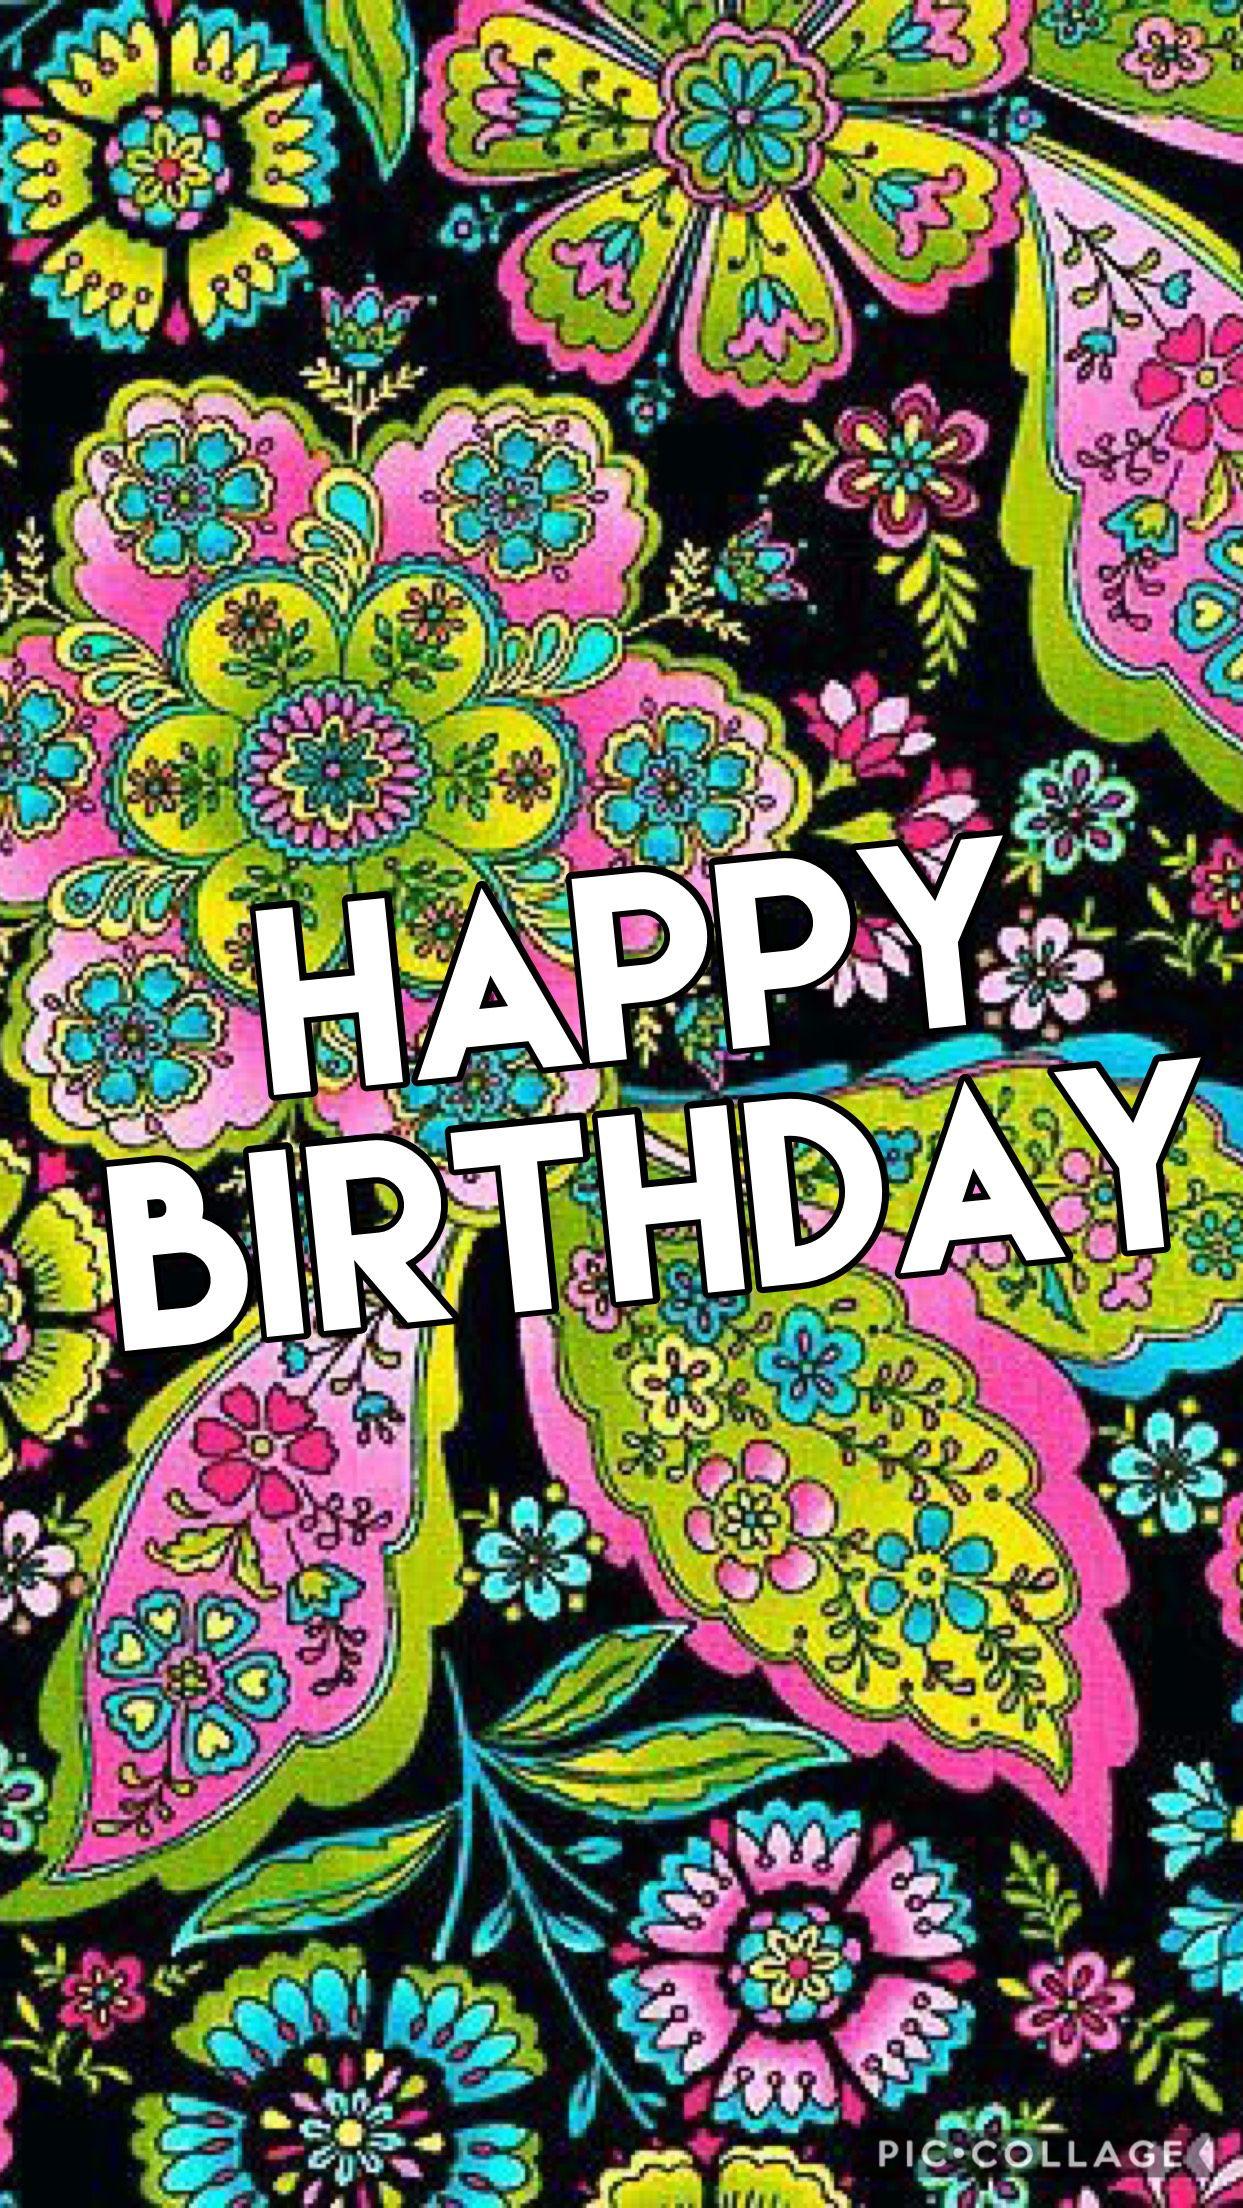 Happy Birthday Happy birthday greetings, Happy birthday